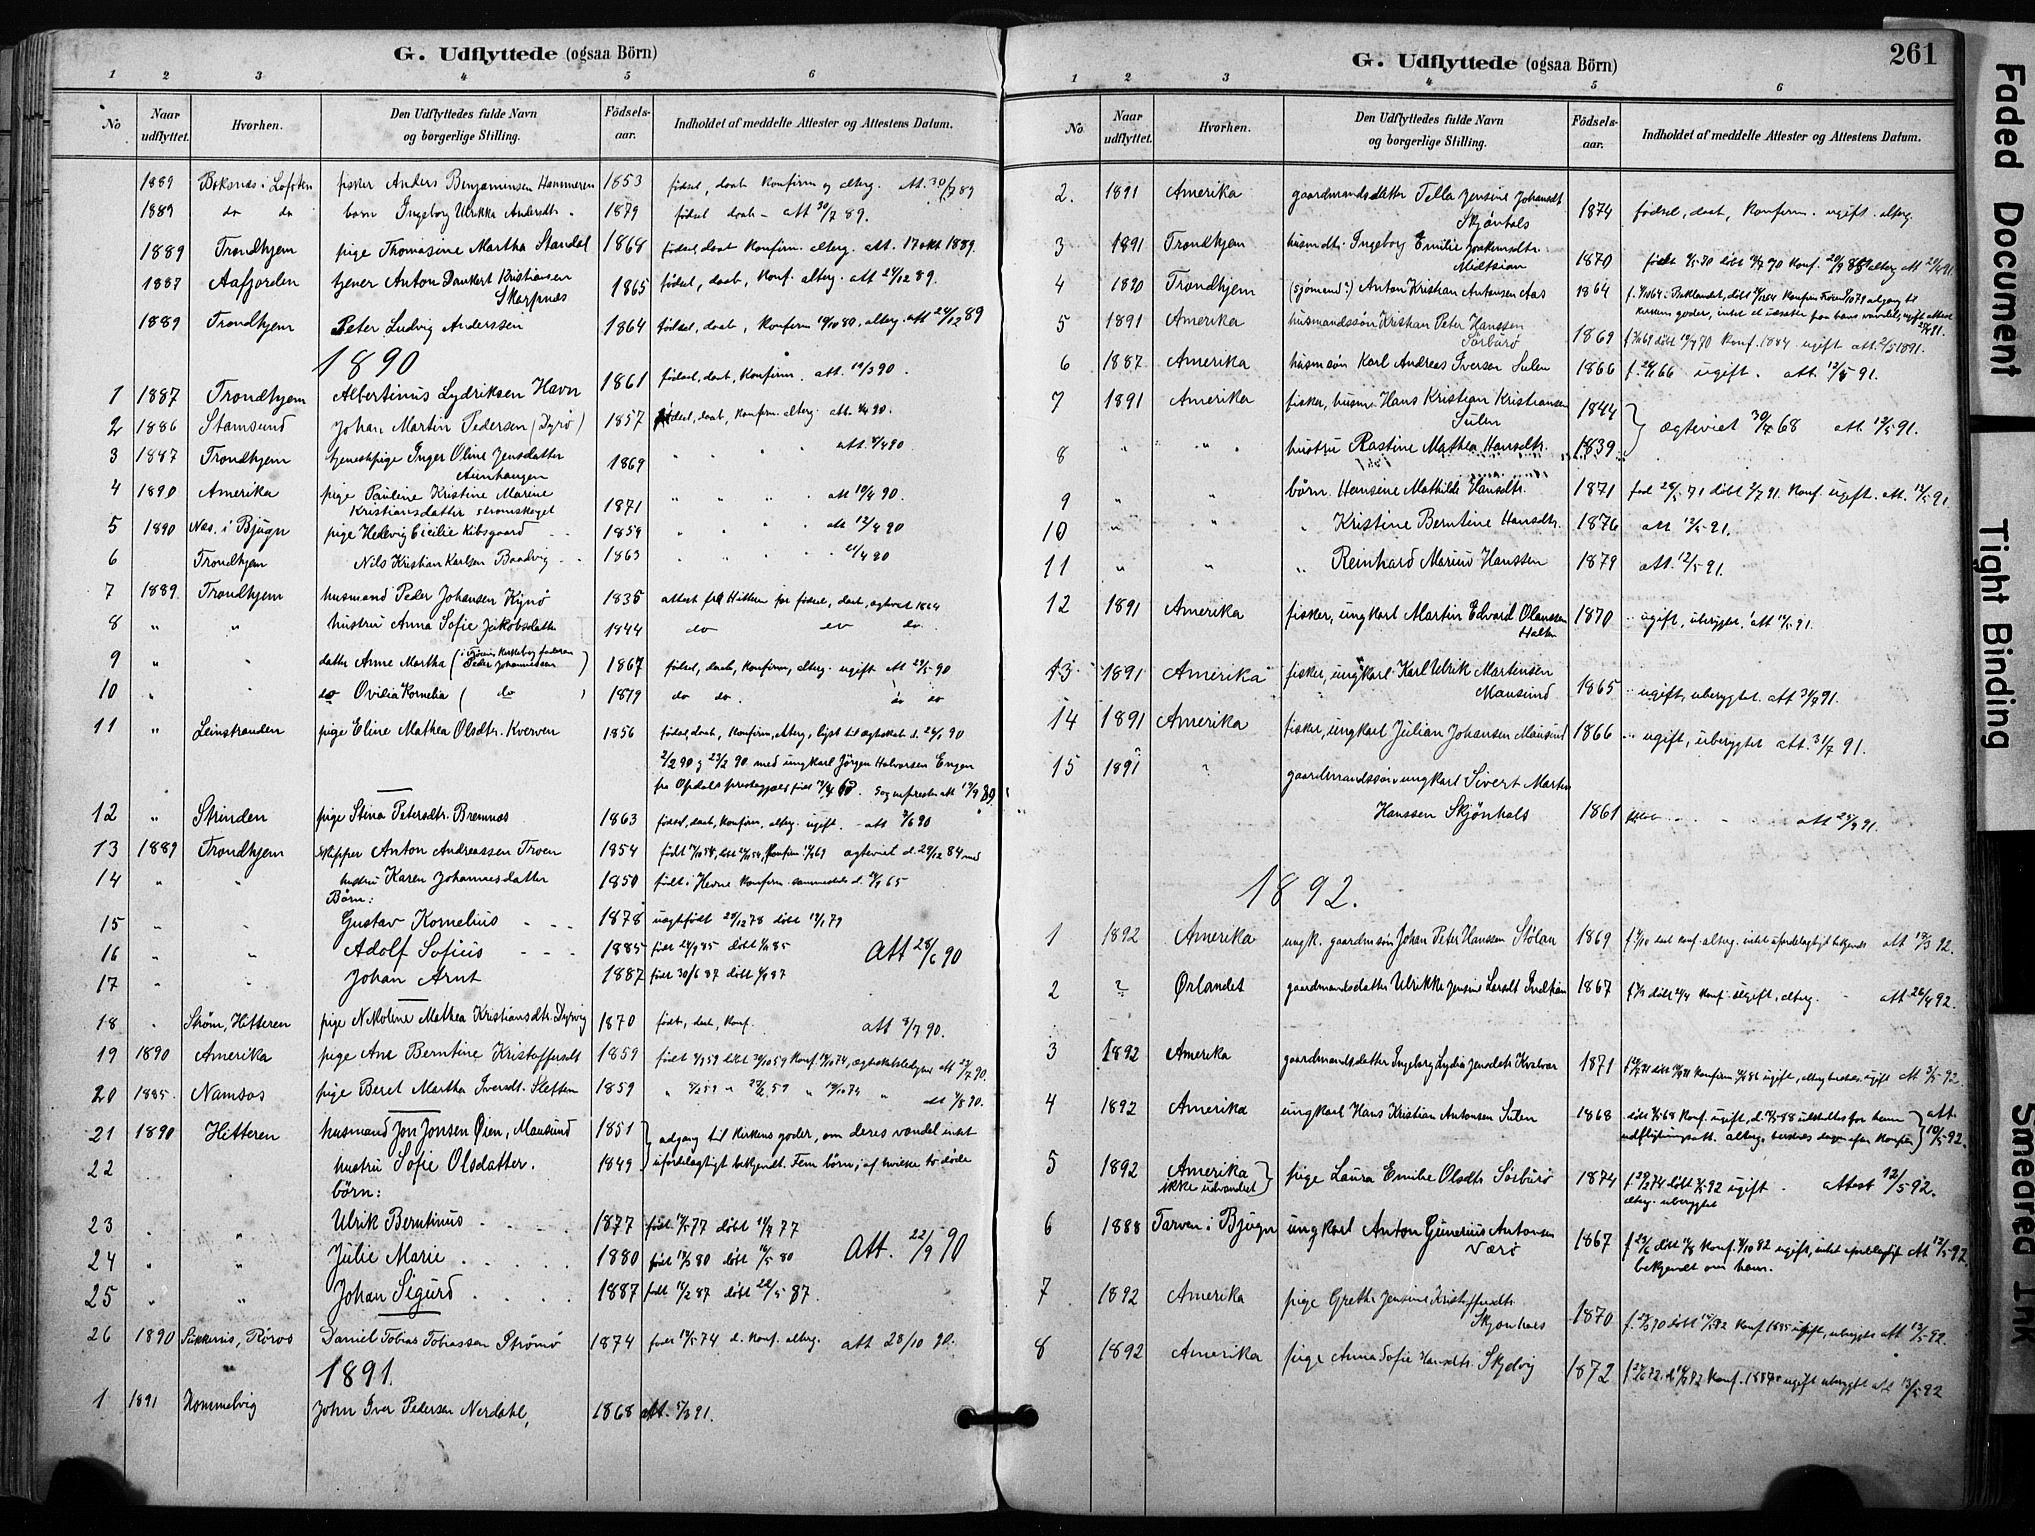 SAT, Ministerialprotokoller, klokkerbøker og fødselsregistre - Sør-Trøndelag, 640/L0579: Ministerialbok nr. 640A04, 1889-1902, s. 261